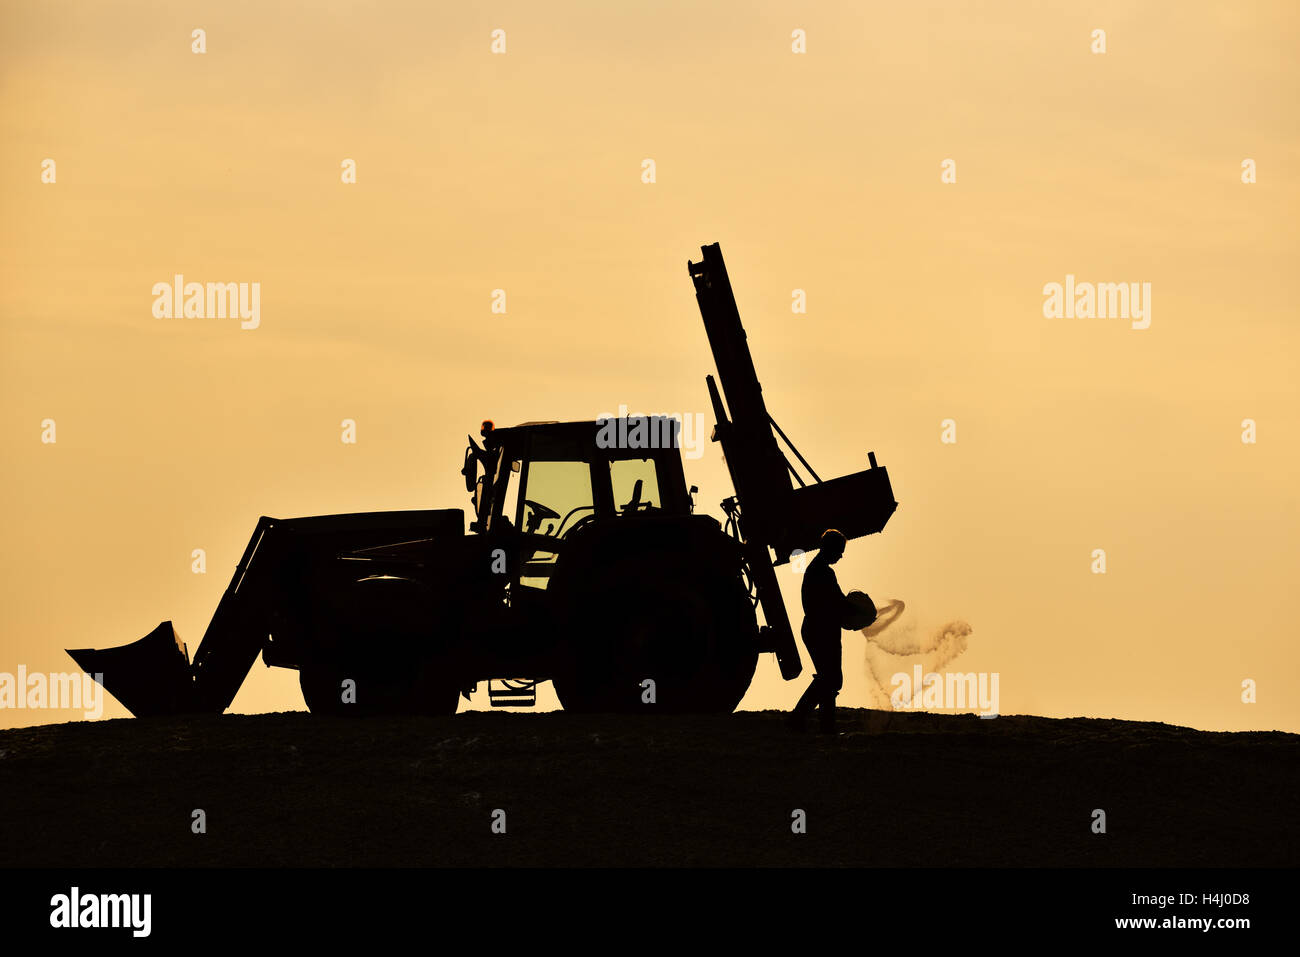 Le tracteur et l'Agriculteur Agriculteur Silhouettes, saupoudrer les tas d'ensilage, pendant le crépuscule. Banque D'Images